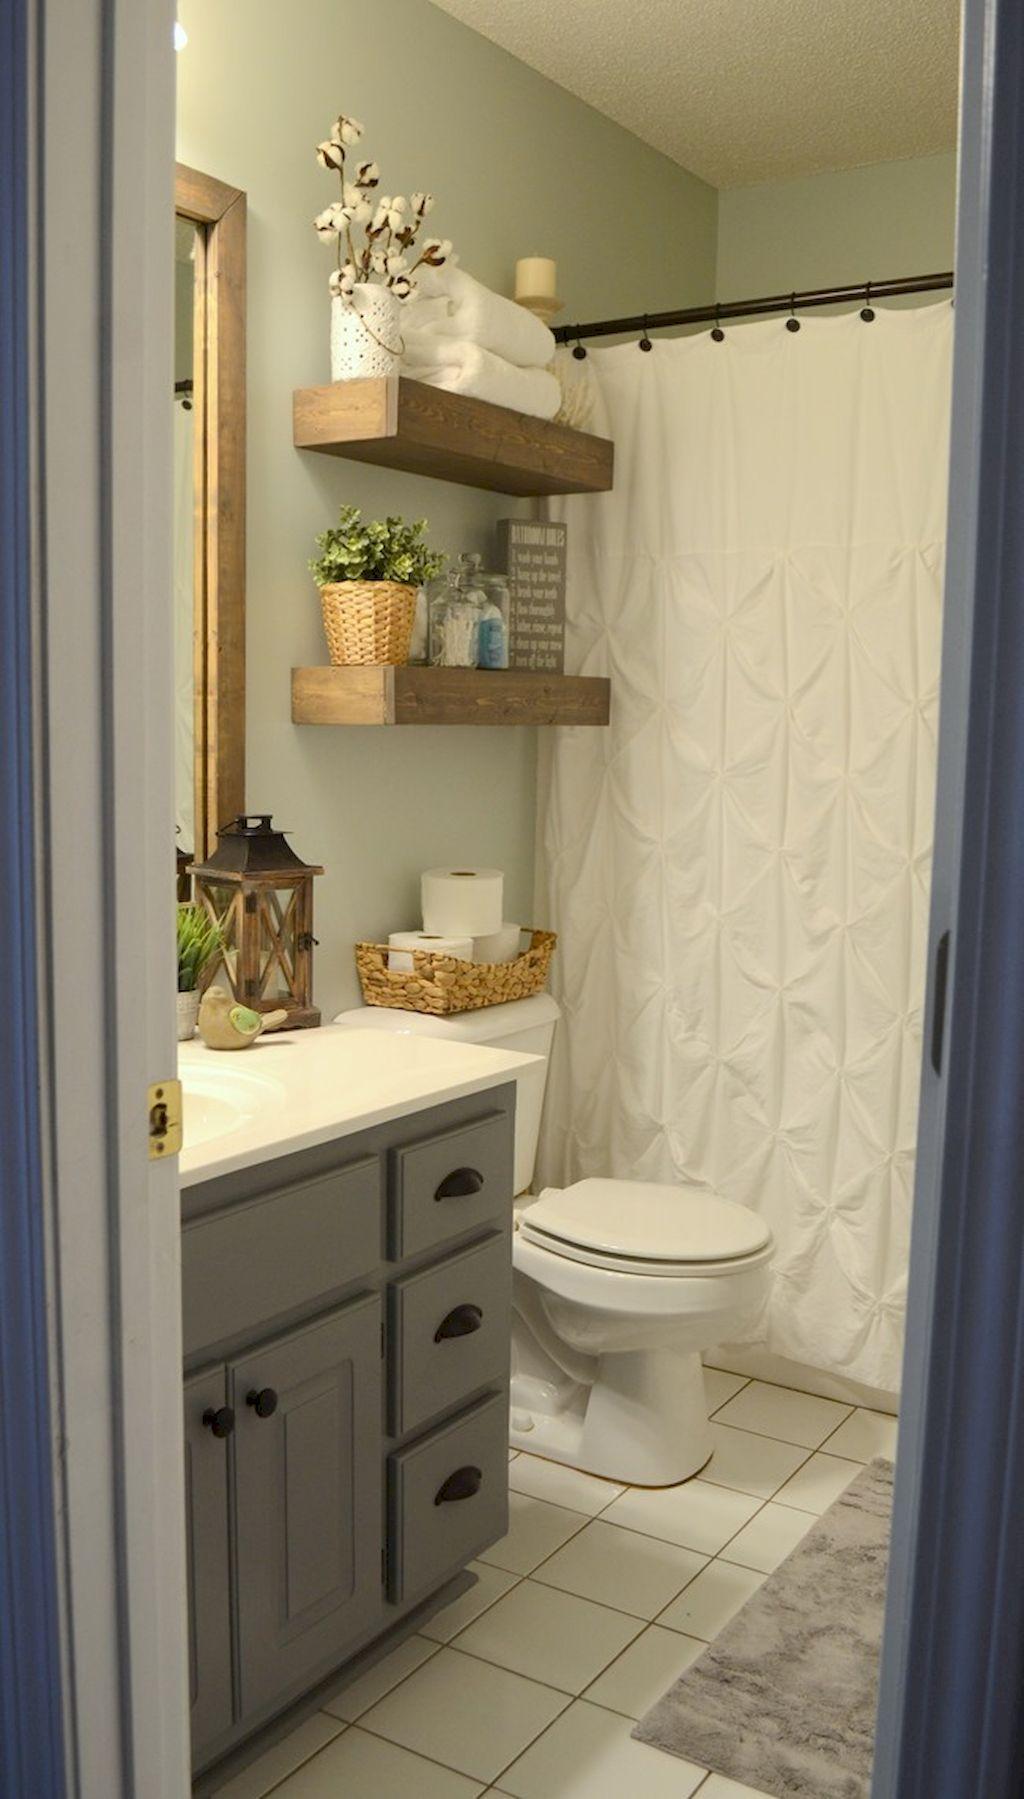 bathroom remodel ideas on a budget. Cool 60 Vintage Farmhouse Bathroom Remodel Ideas On A Budget Https://insidecorate.com/60-vintage-farmhouse-bathroom-remodel-ideas-budget/ O